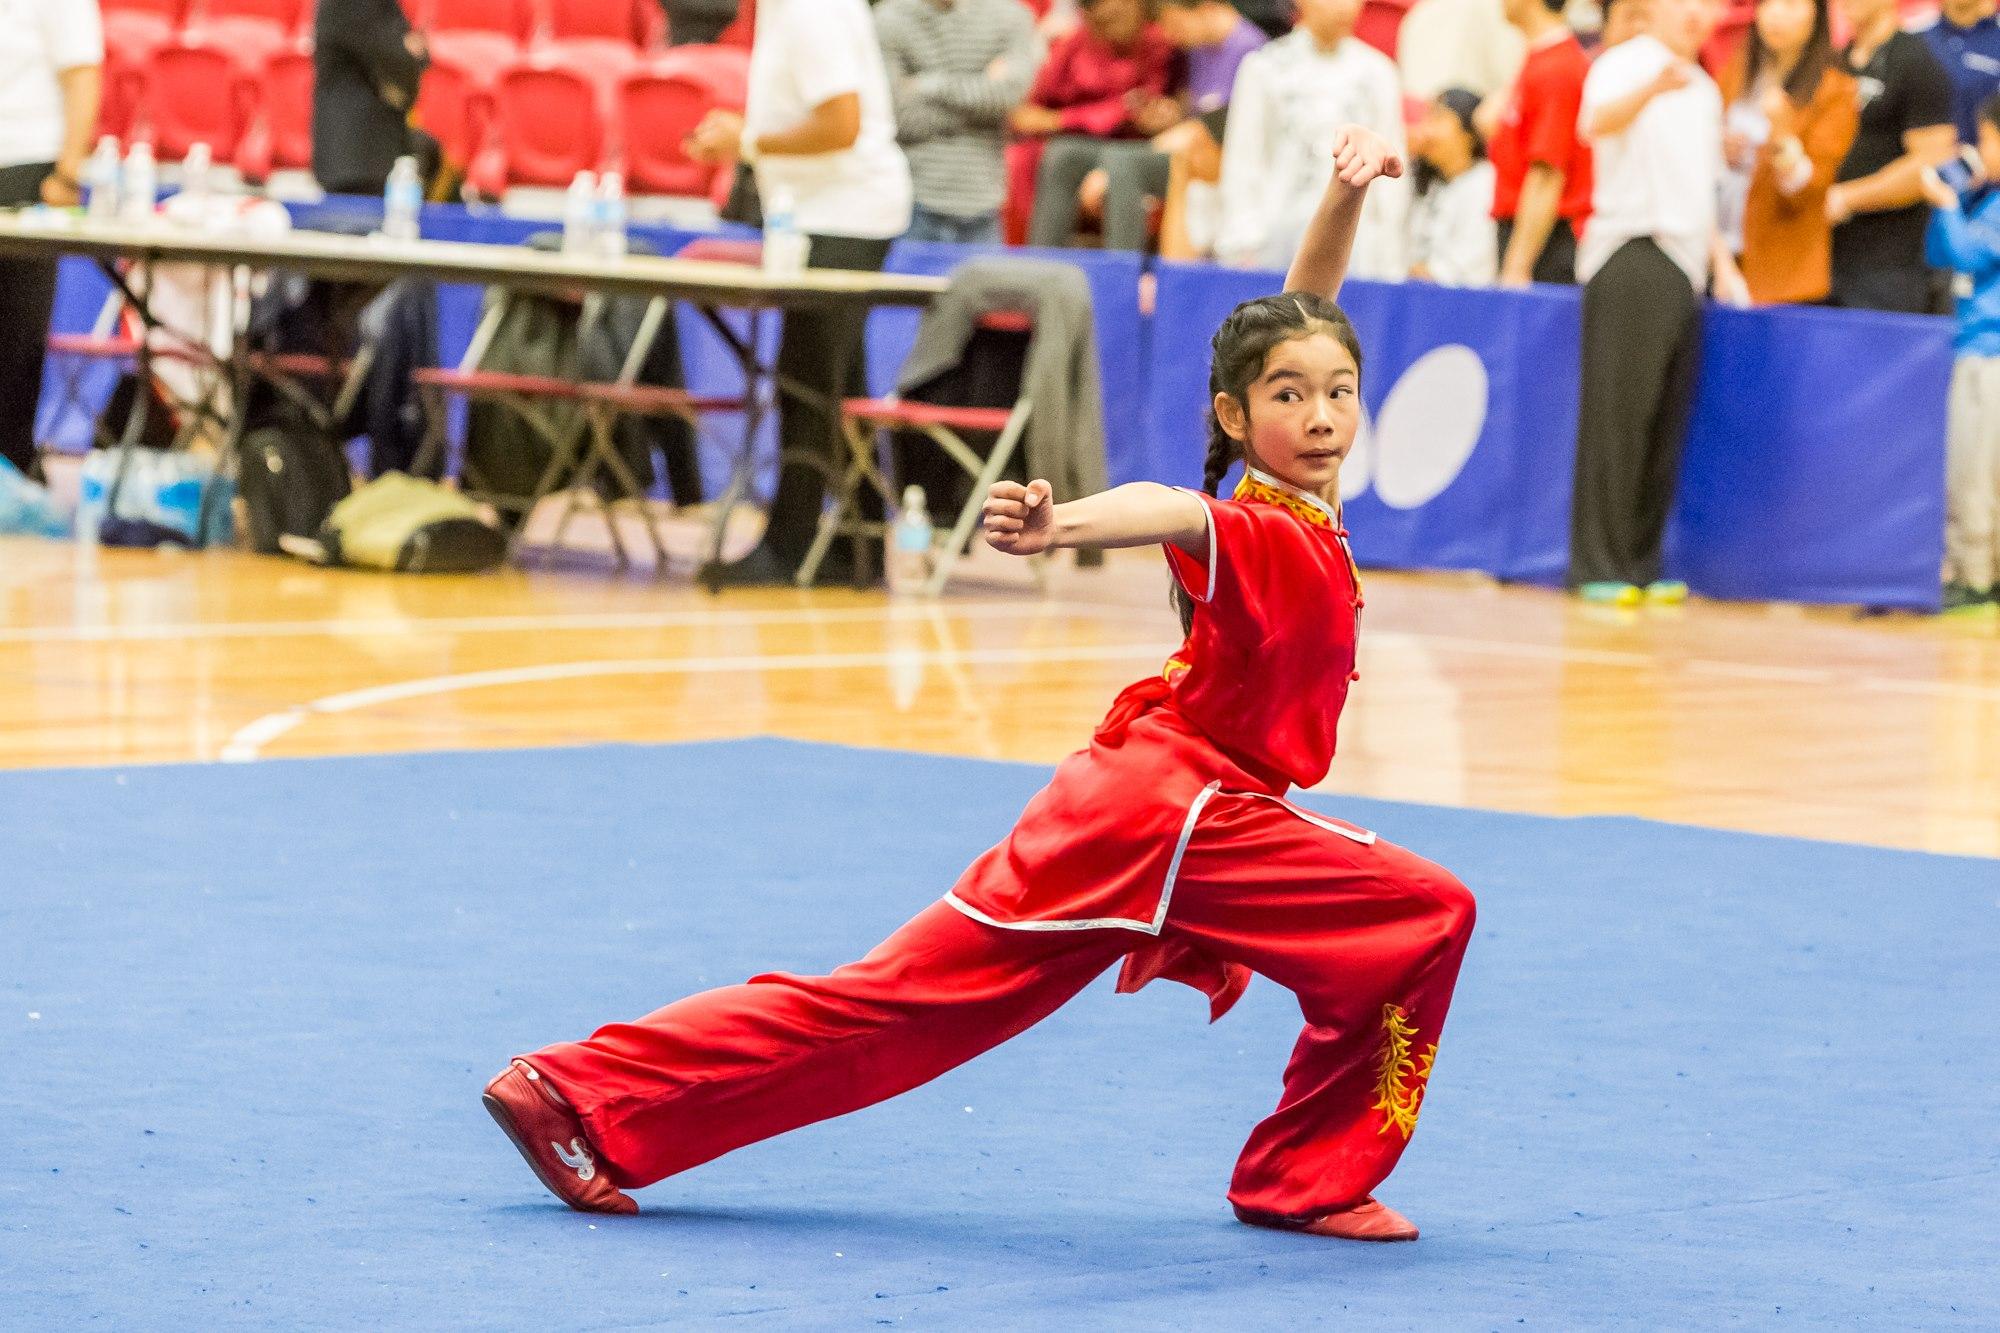 wayland-li-wushu-toronto-markham-canadian-wushu-championships-2017-changquan-29.jpg